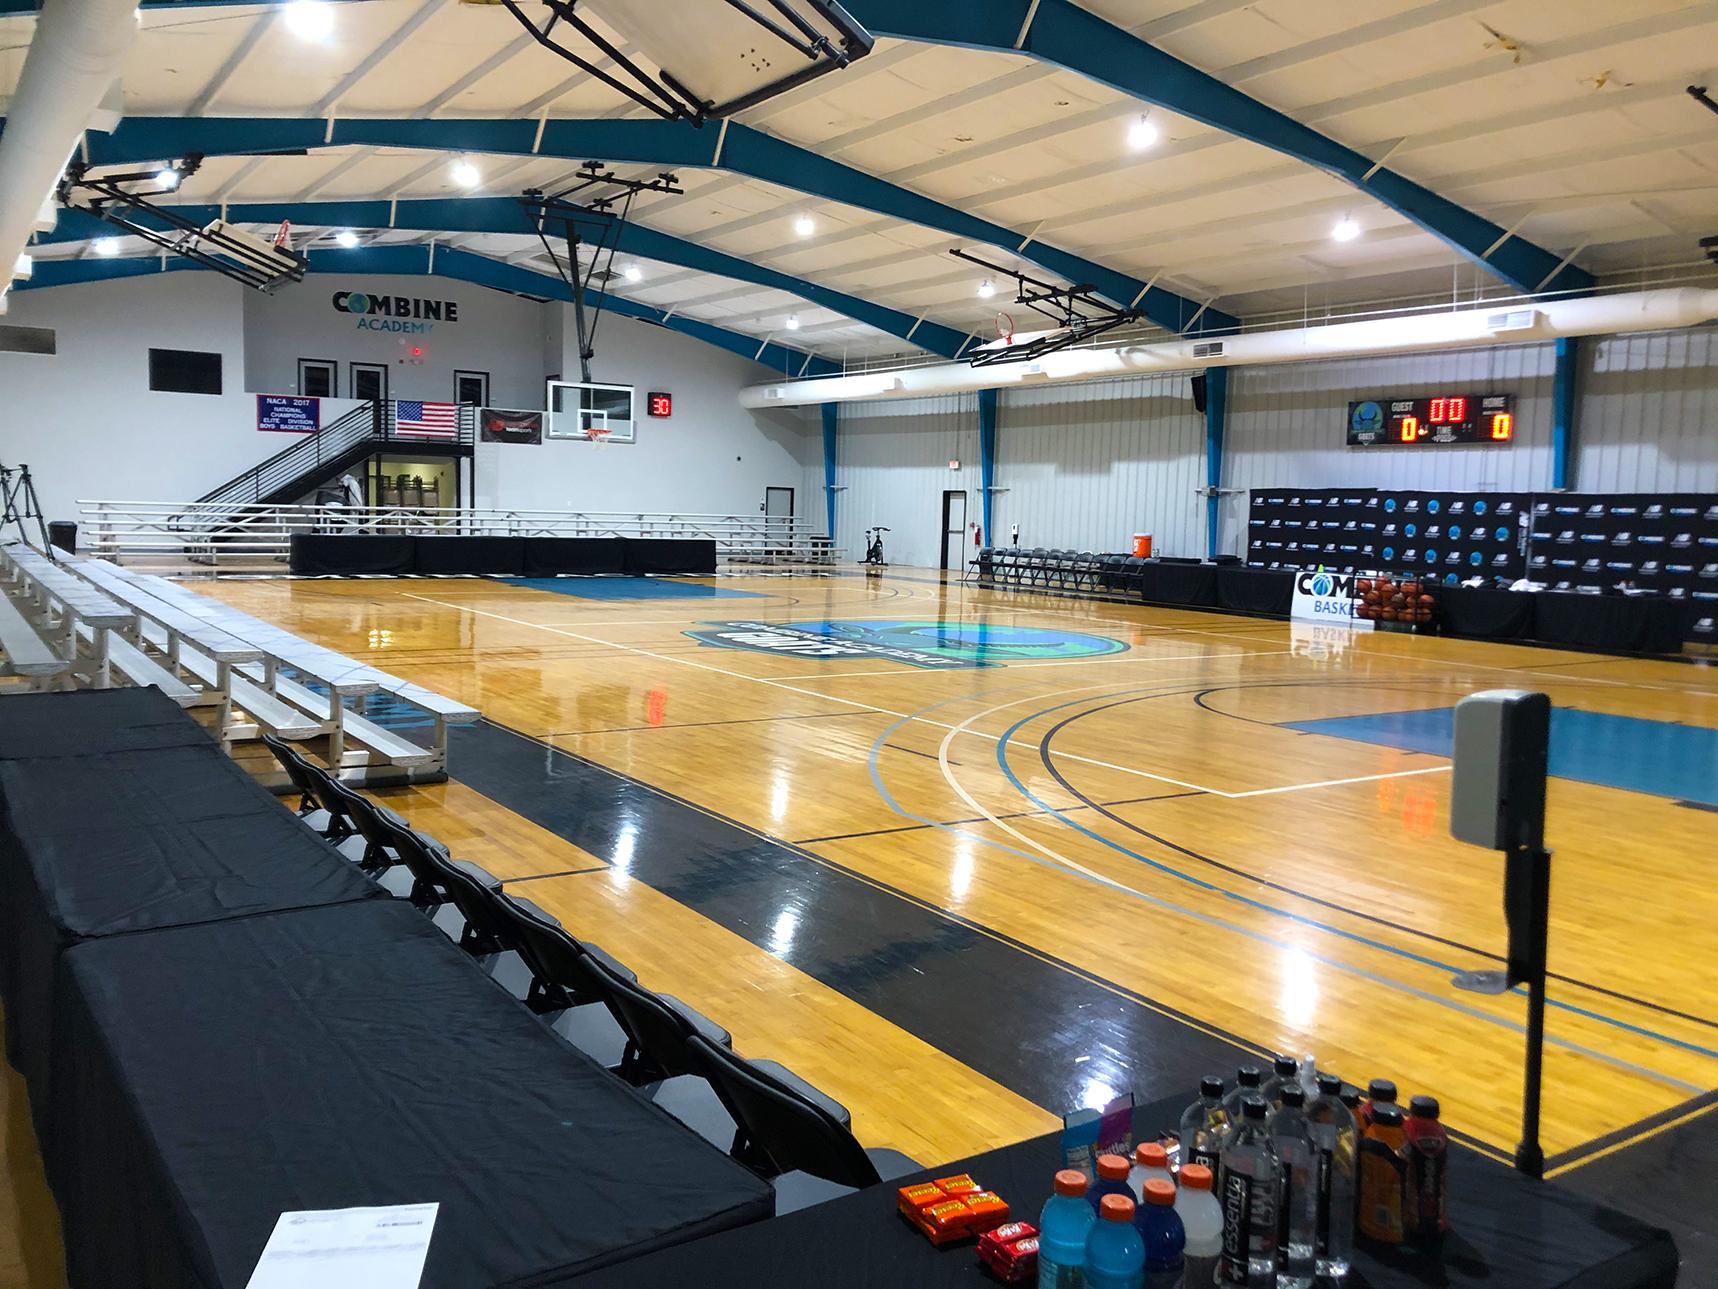 John Jordan Gym 2020 Side View